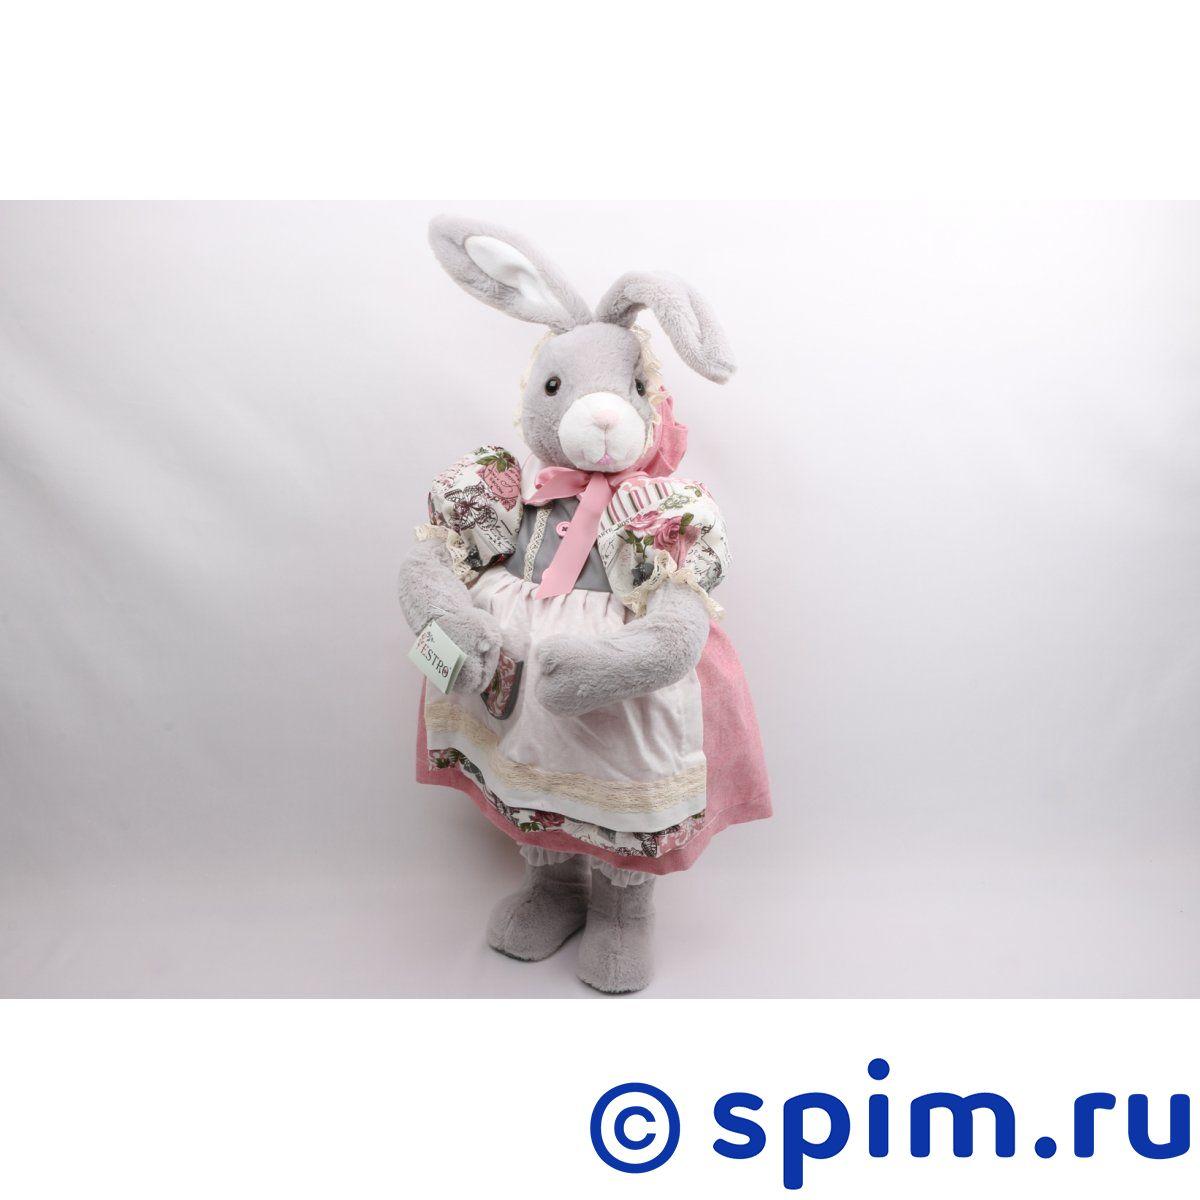 Интерьерная кукла Зайчонок C21-288048 мягкие игрушки estro совёнк подмигивающий